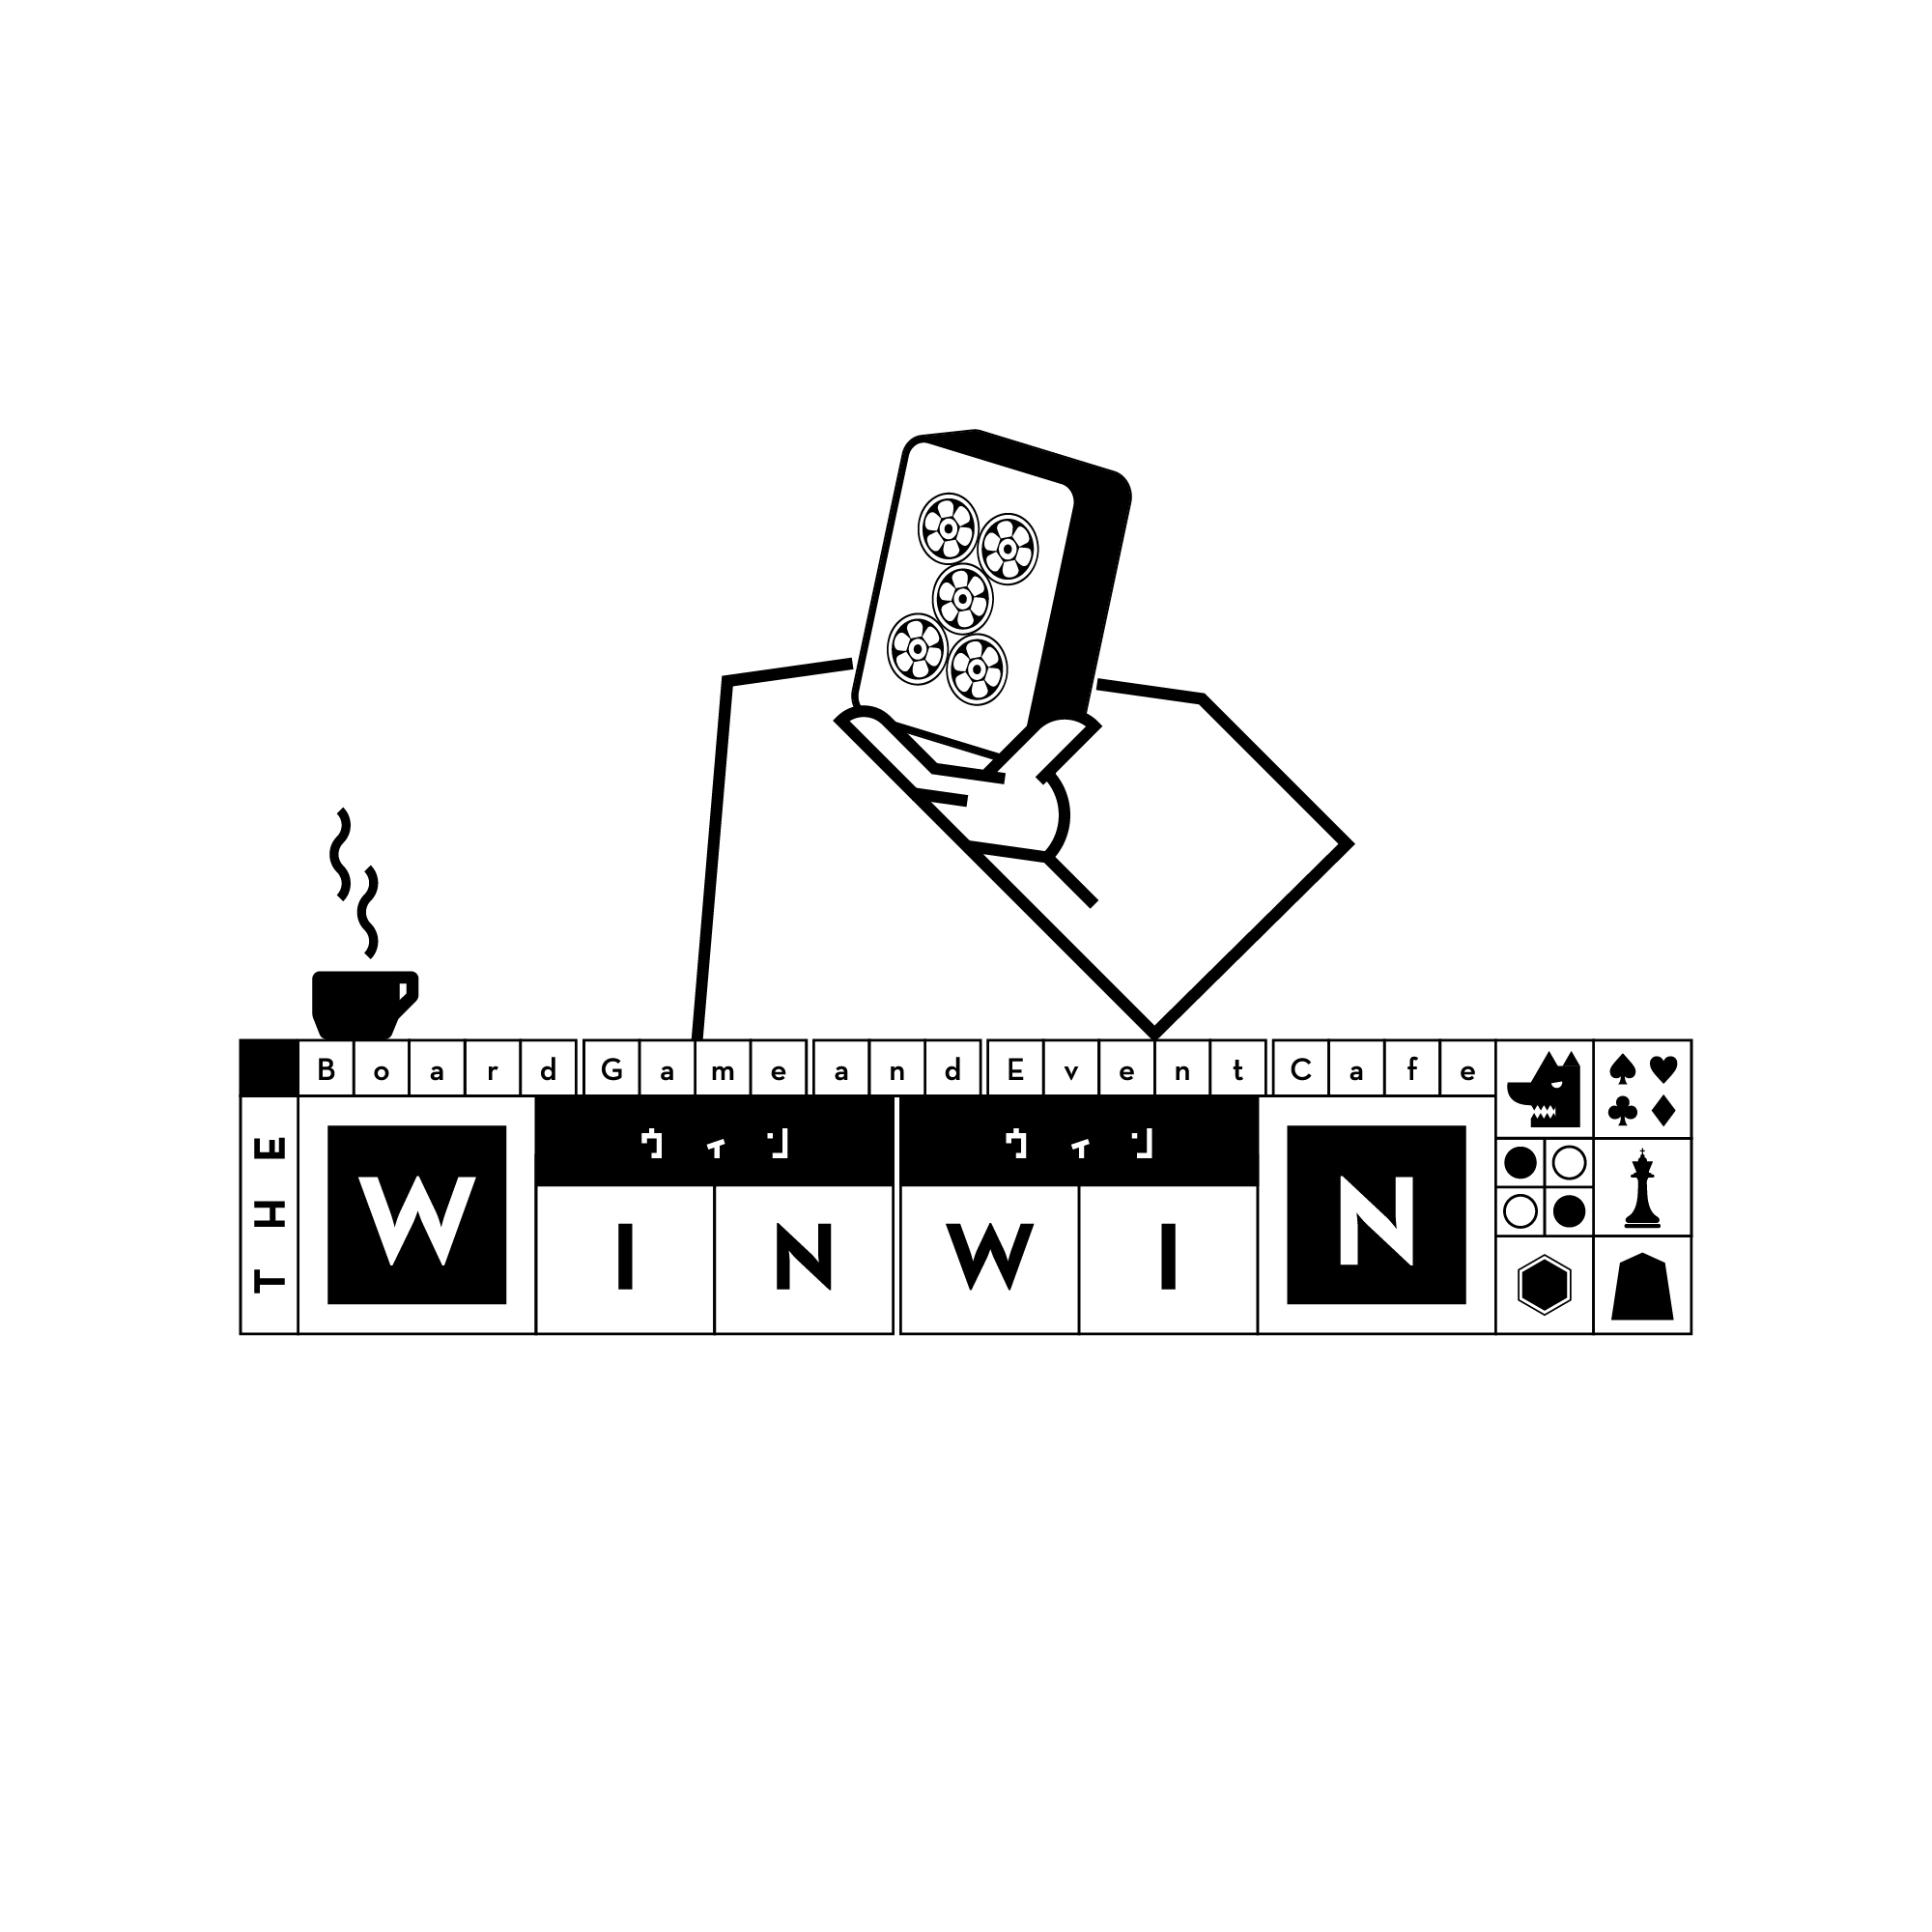 """Logo Design for a Board Game Cafe """"ウィンウィン/Win Win"""" / 東京五反田にオープンする、白木づくりのボードゲームカフェ「ウィンウィン」のロゴを募集します"""